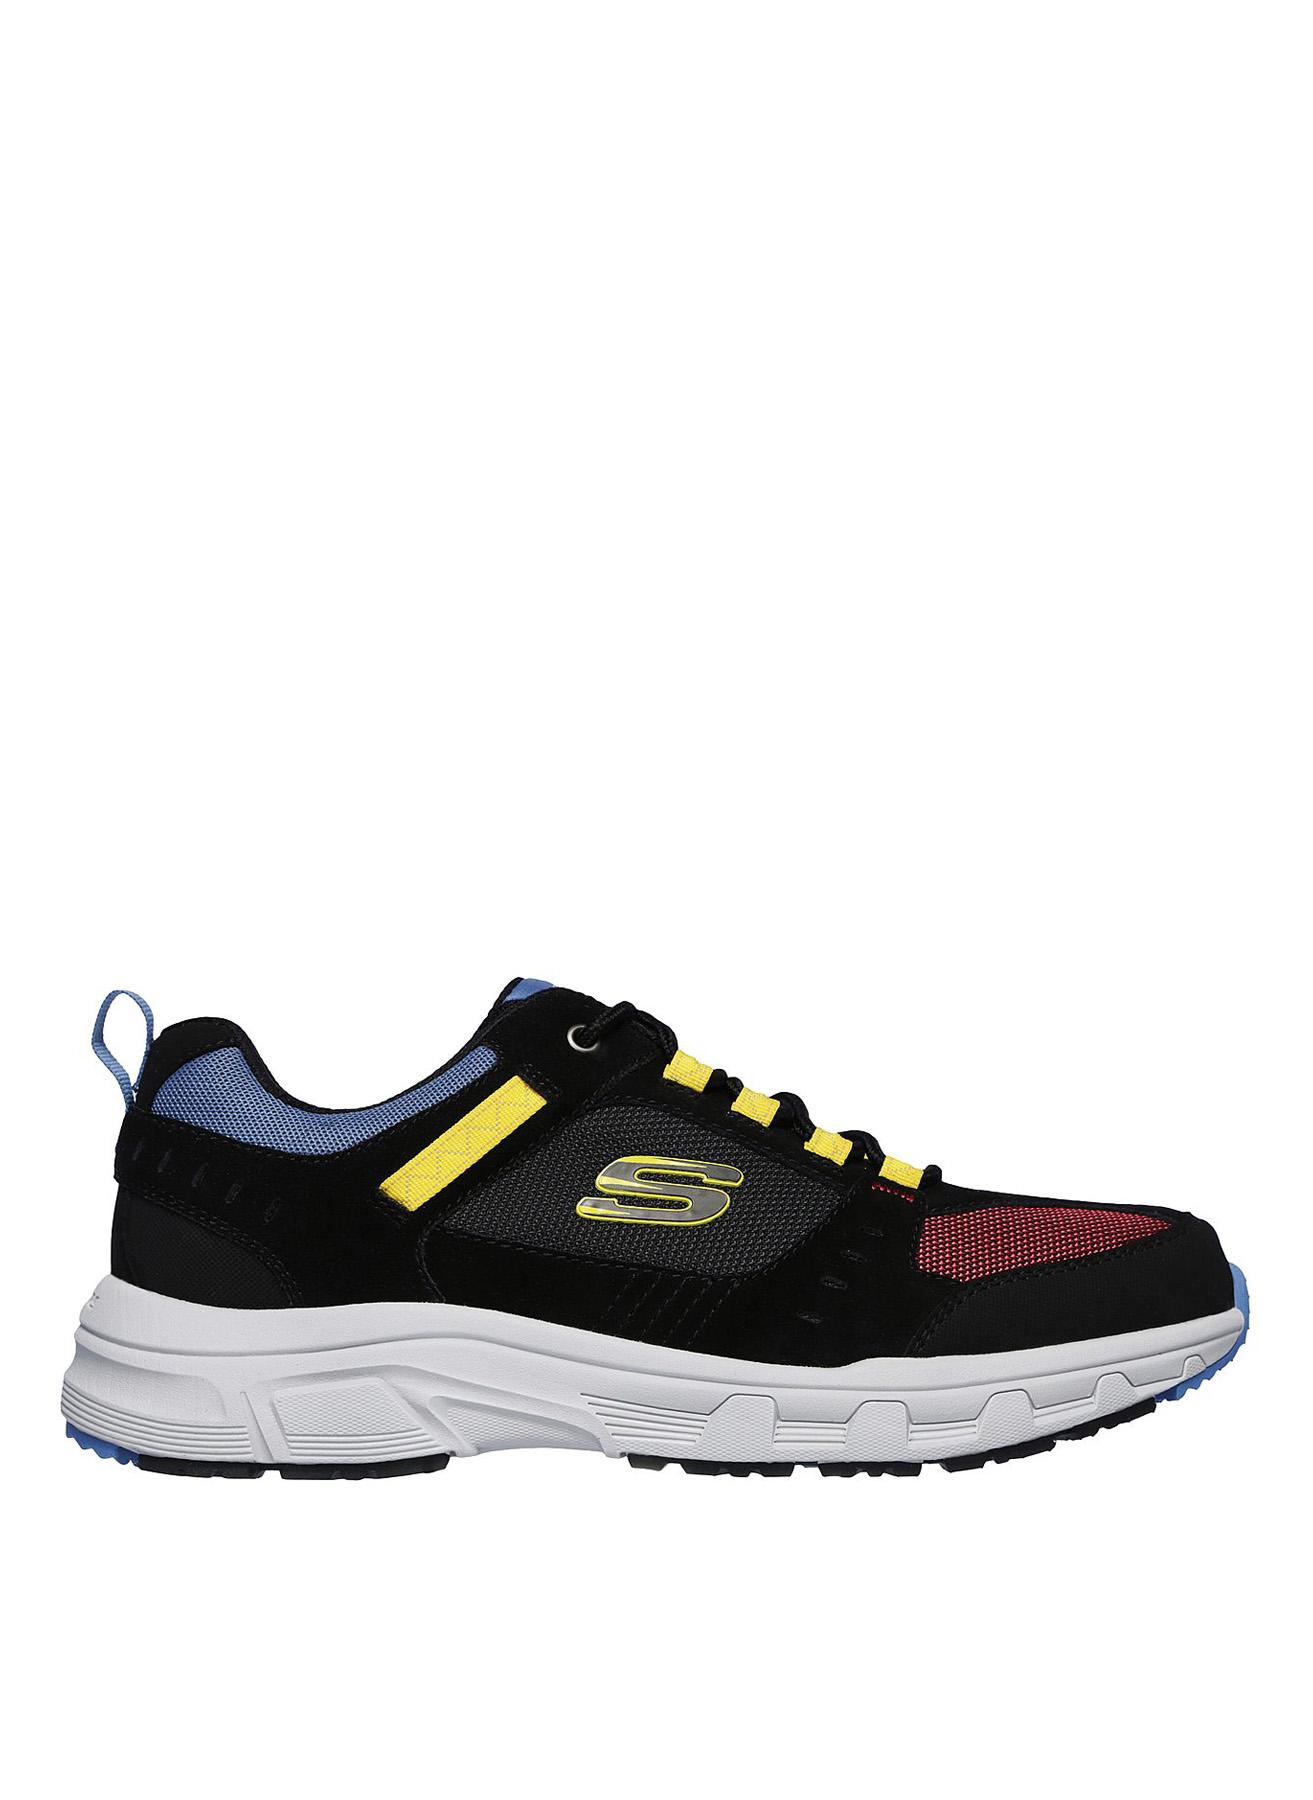 Skechers Günlük Ayakkabı 42 5002369108003 Ürün Resmi